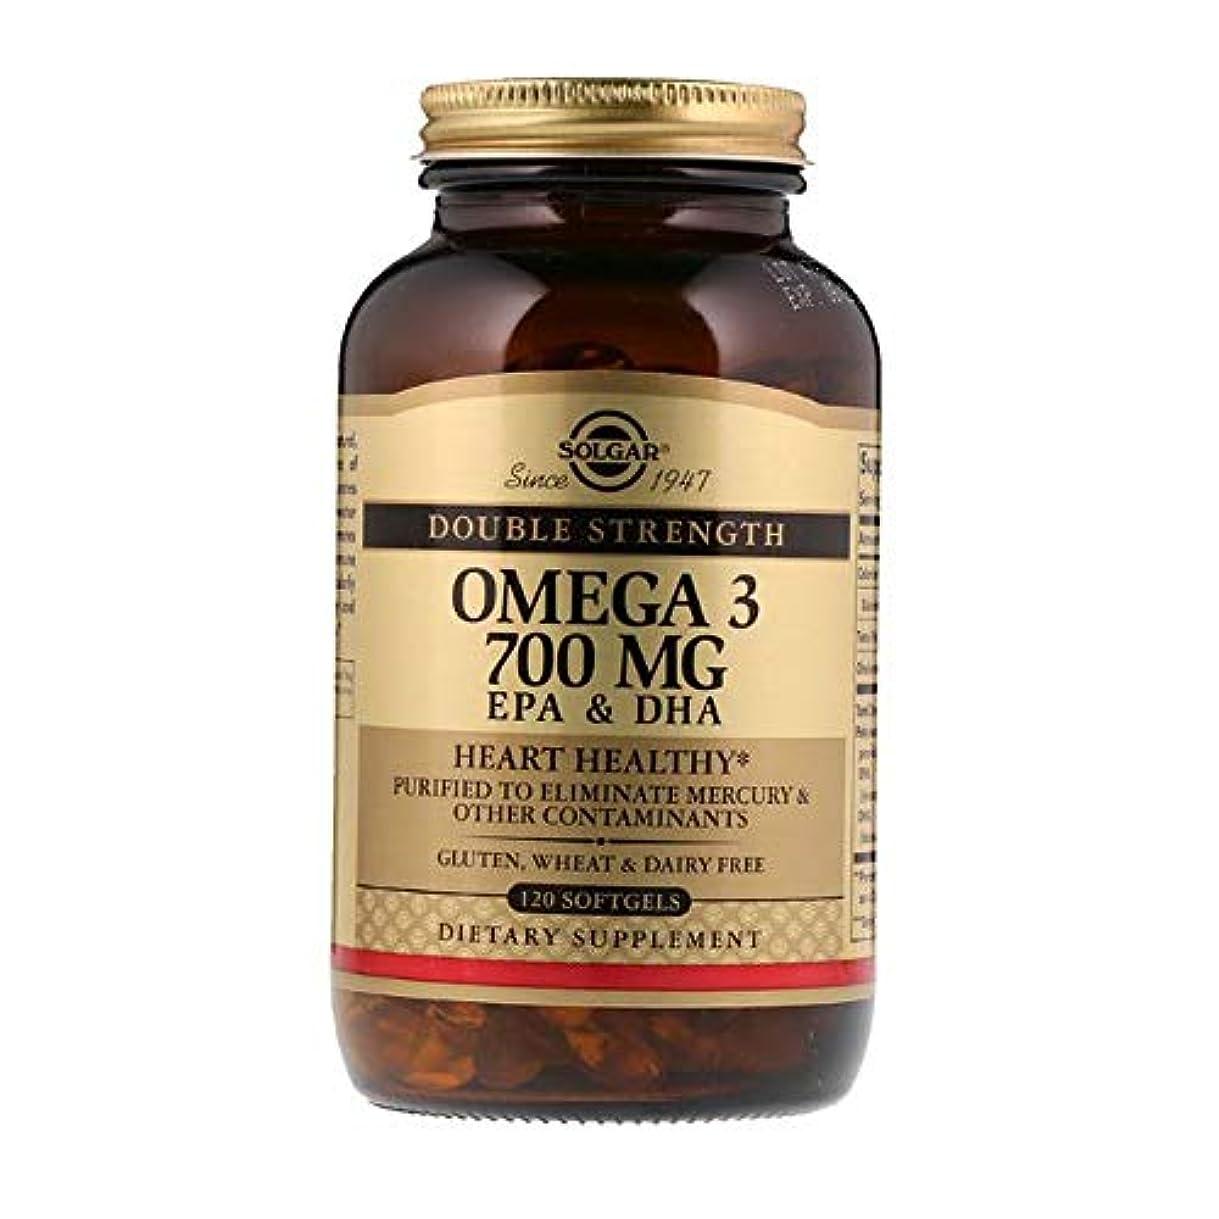 一時的ハンマーレンズSolgar Omega 3 EPA DHA Double Strength 700mg 120 Softgels 【アメリカ直送】